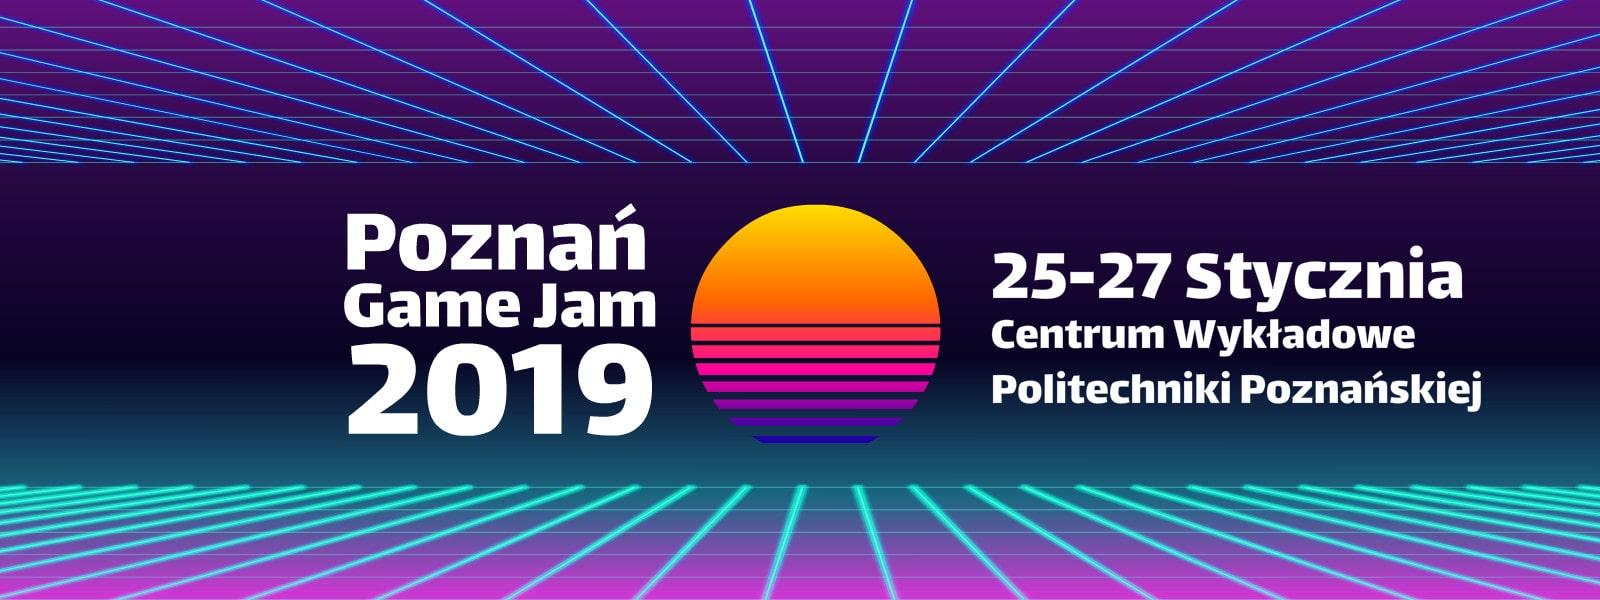 Wydarzenie odbędzie się w dniach 25-27 stycznia 2019 roku.